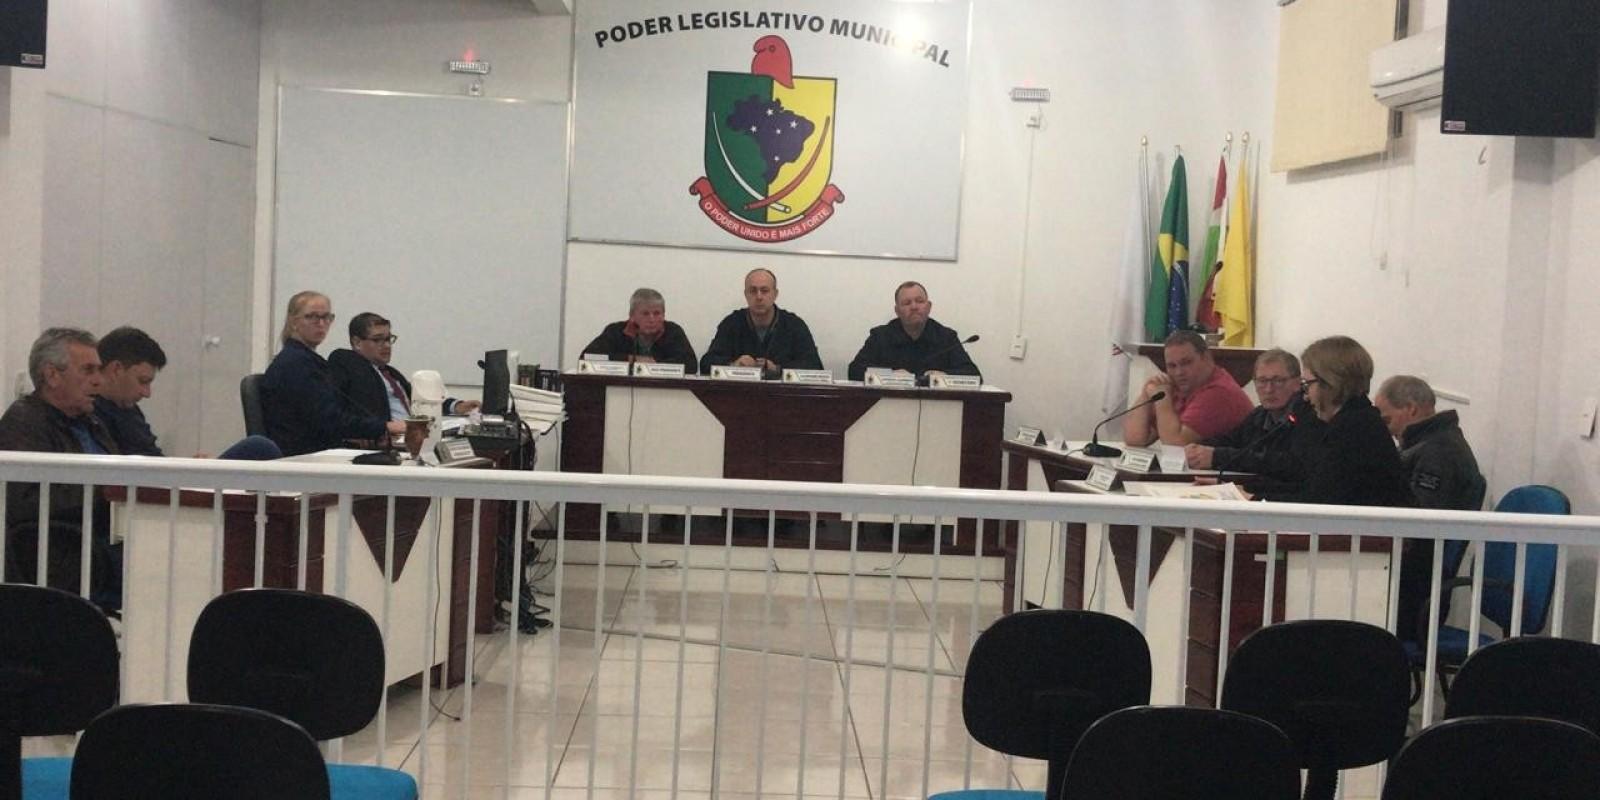 Confira como foi a sessão desta terça - feira, na Câmara Municipal de Santa Rosa de Lima